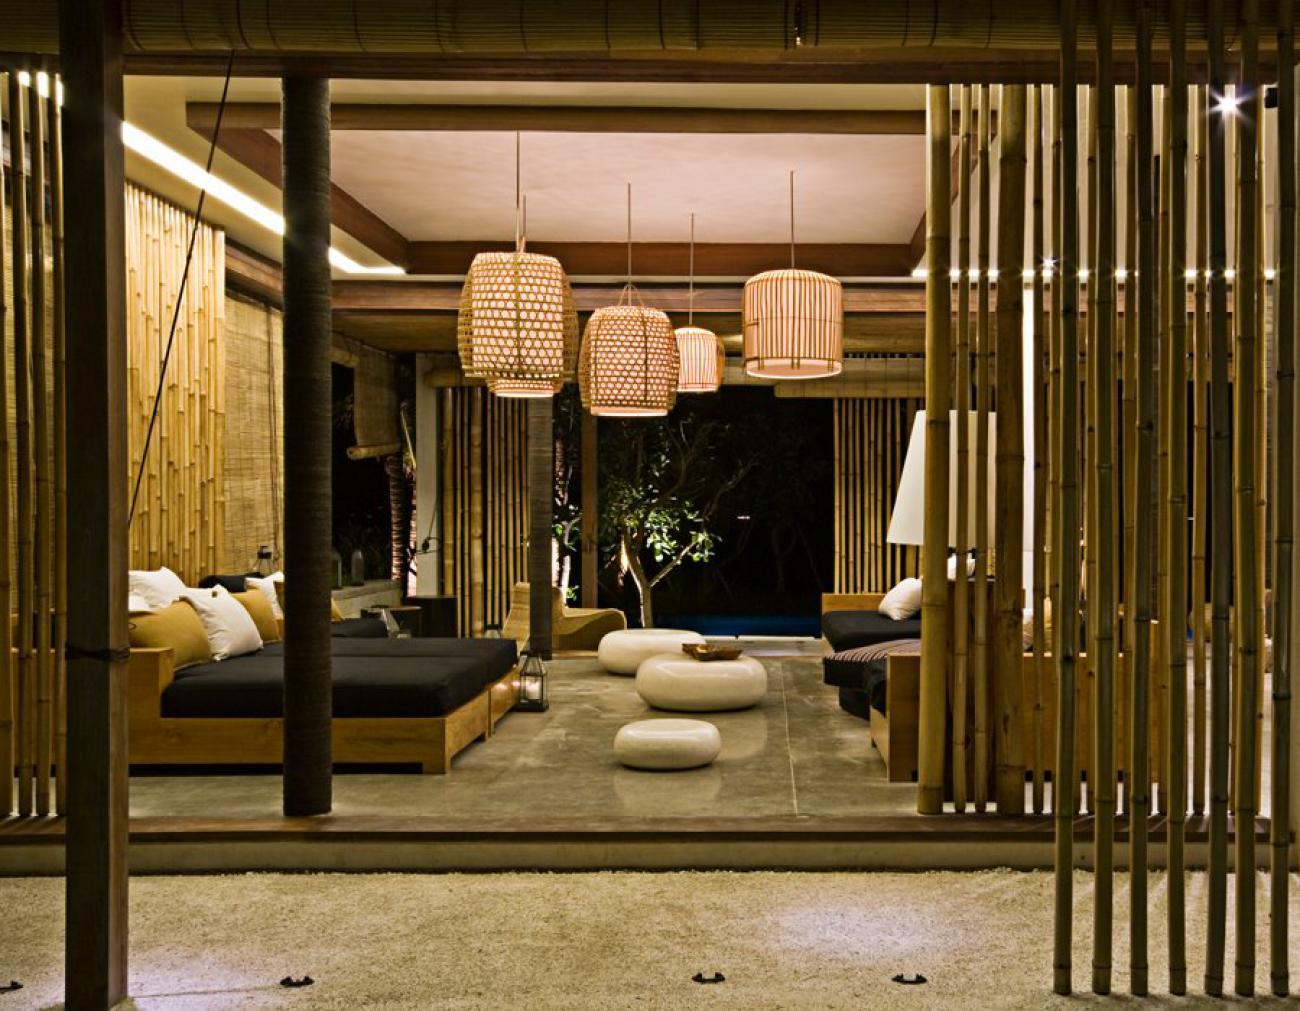 Mobili in bamb esempi di arredo interni ed esterni for Esempi di arredamento interni